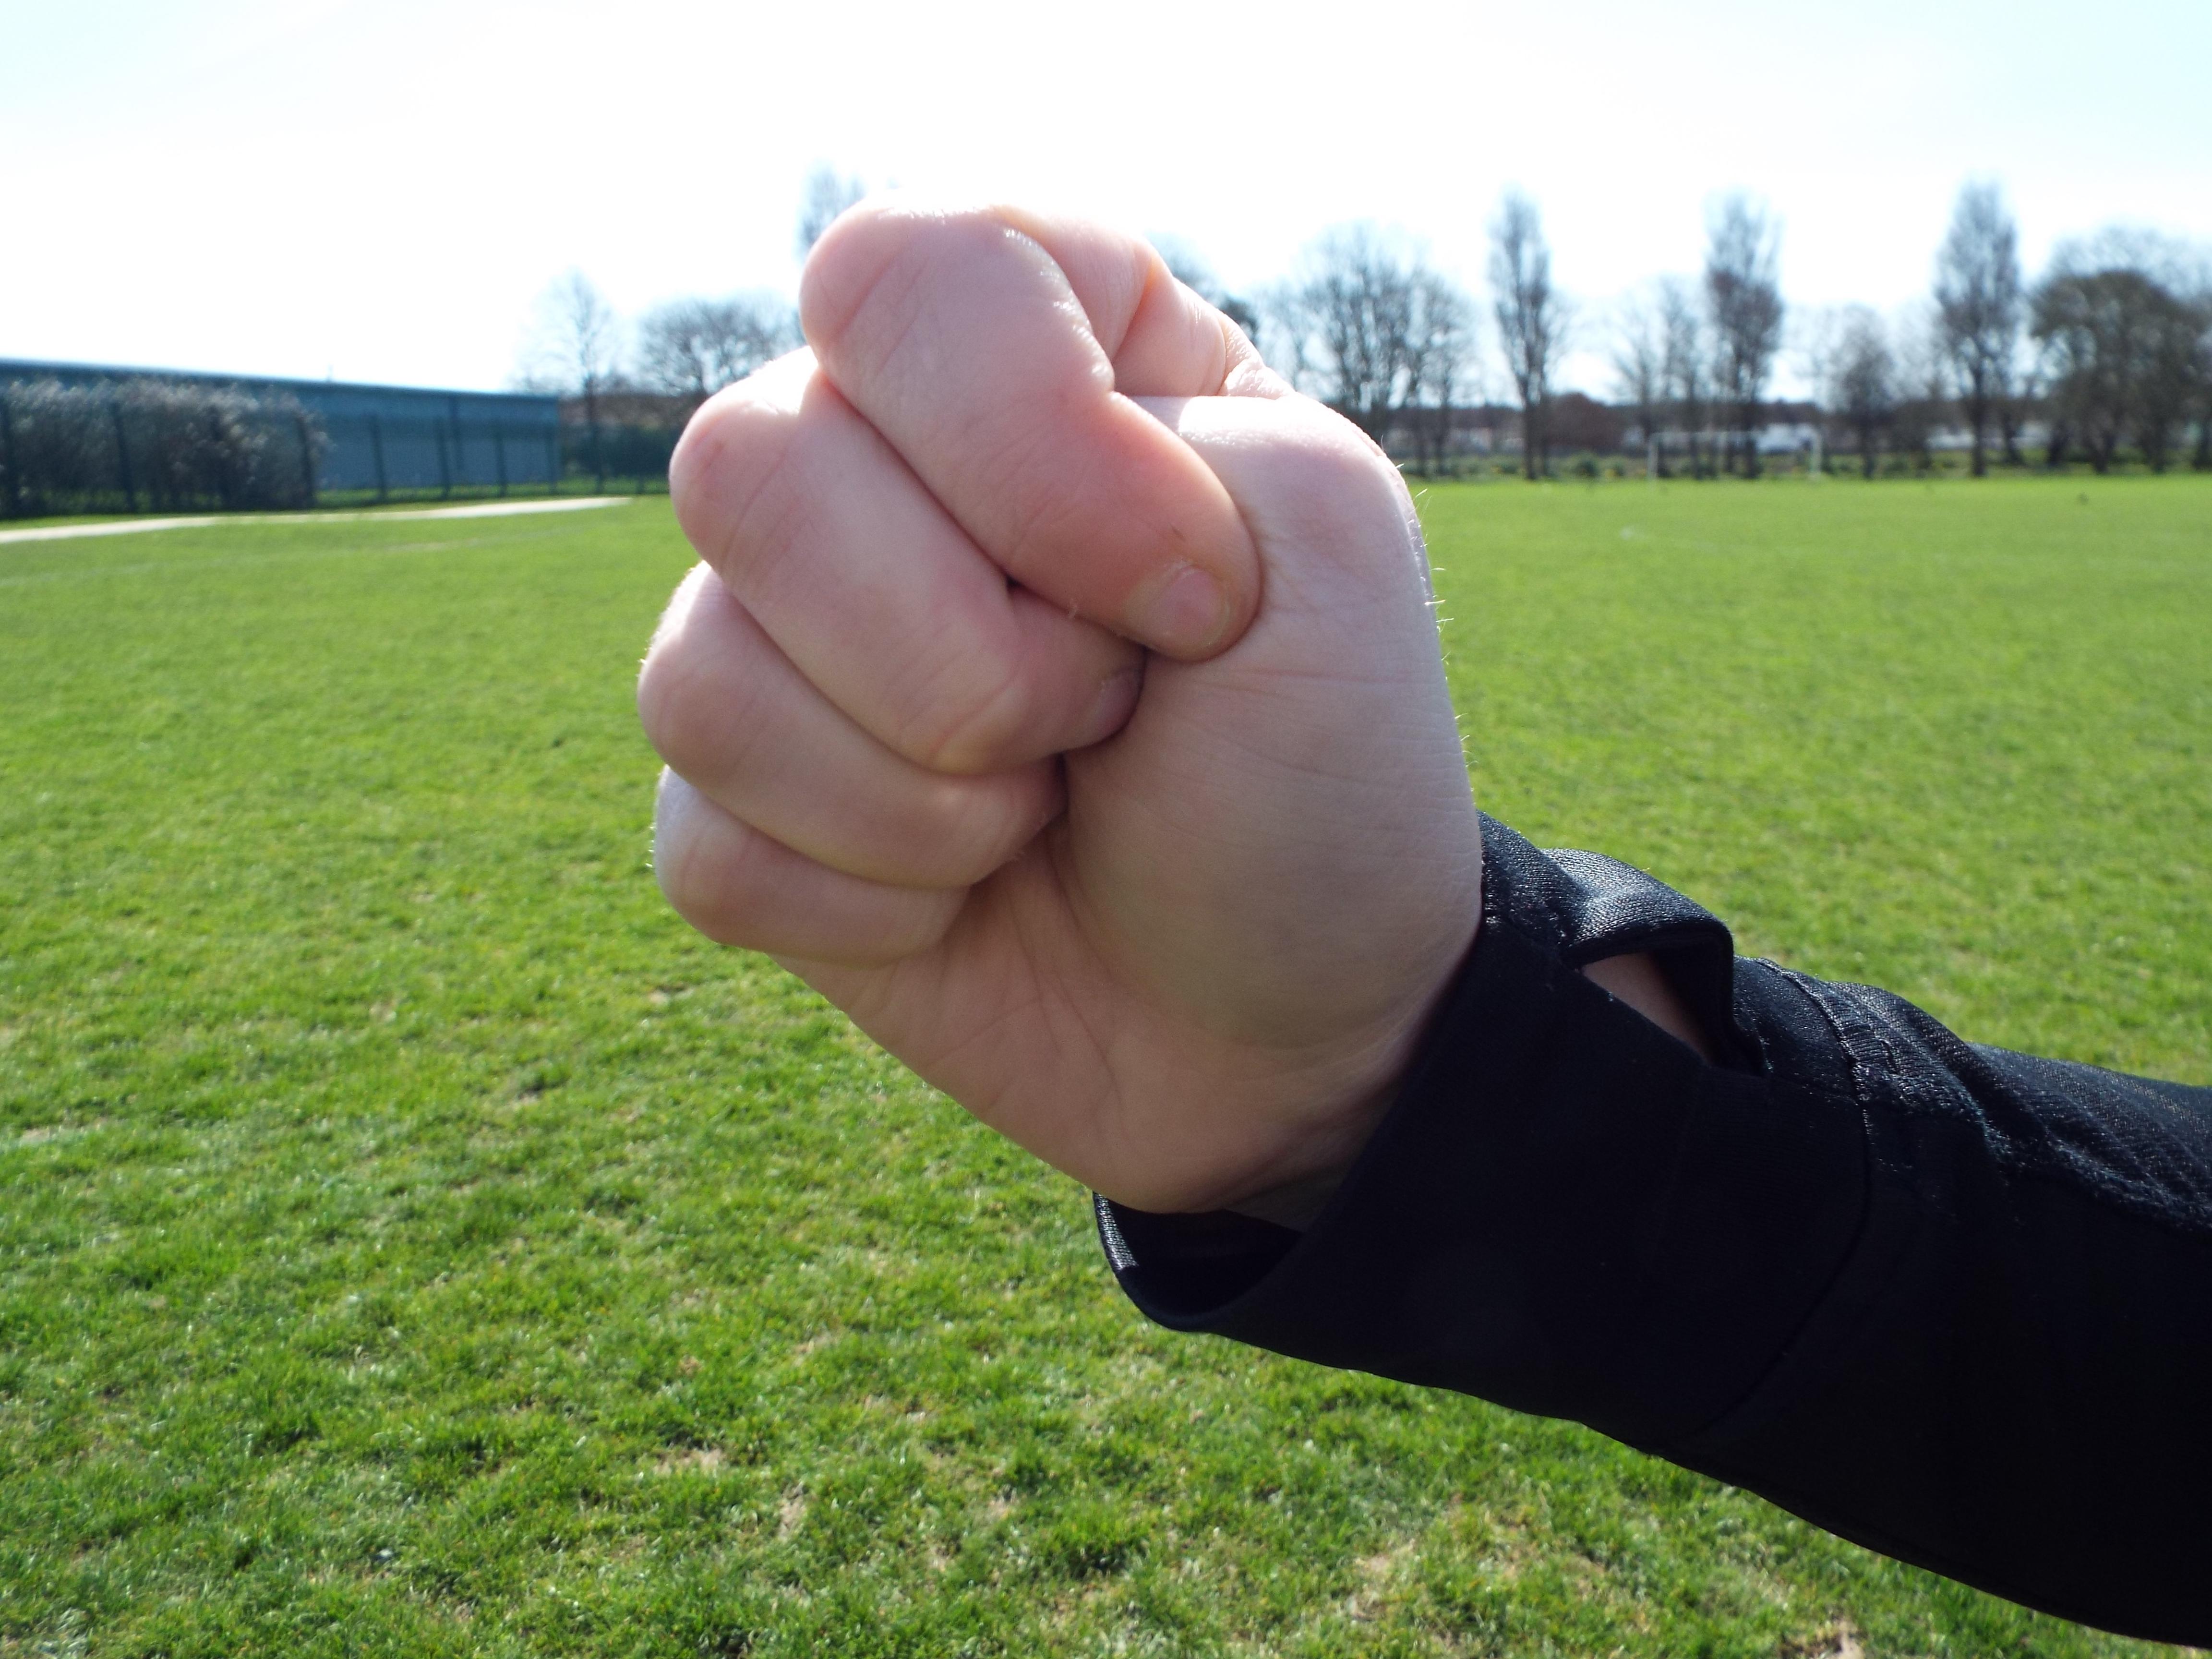 Incorrect fist